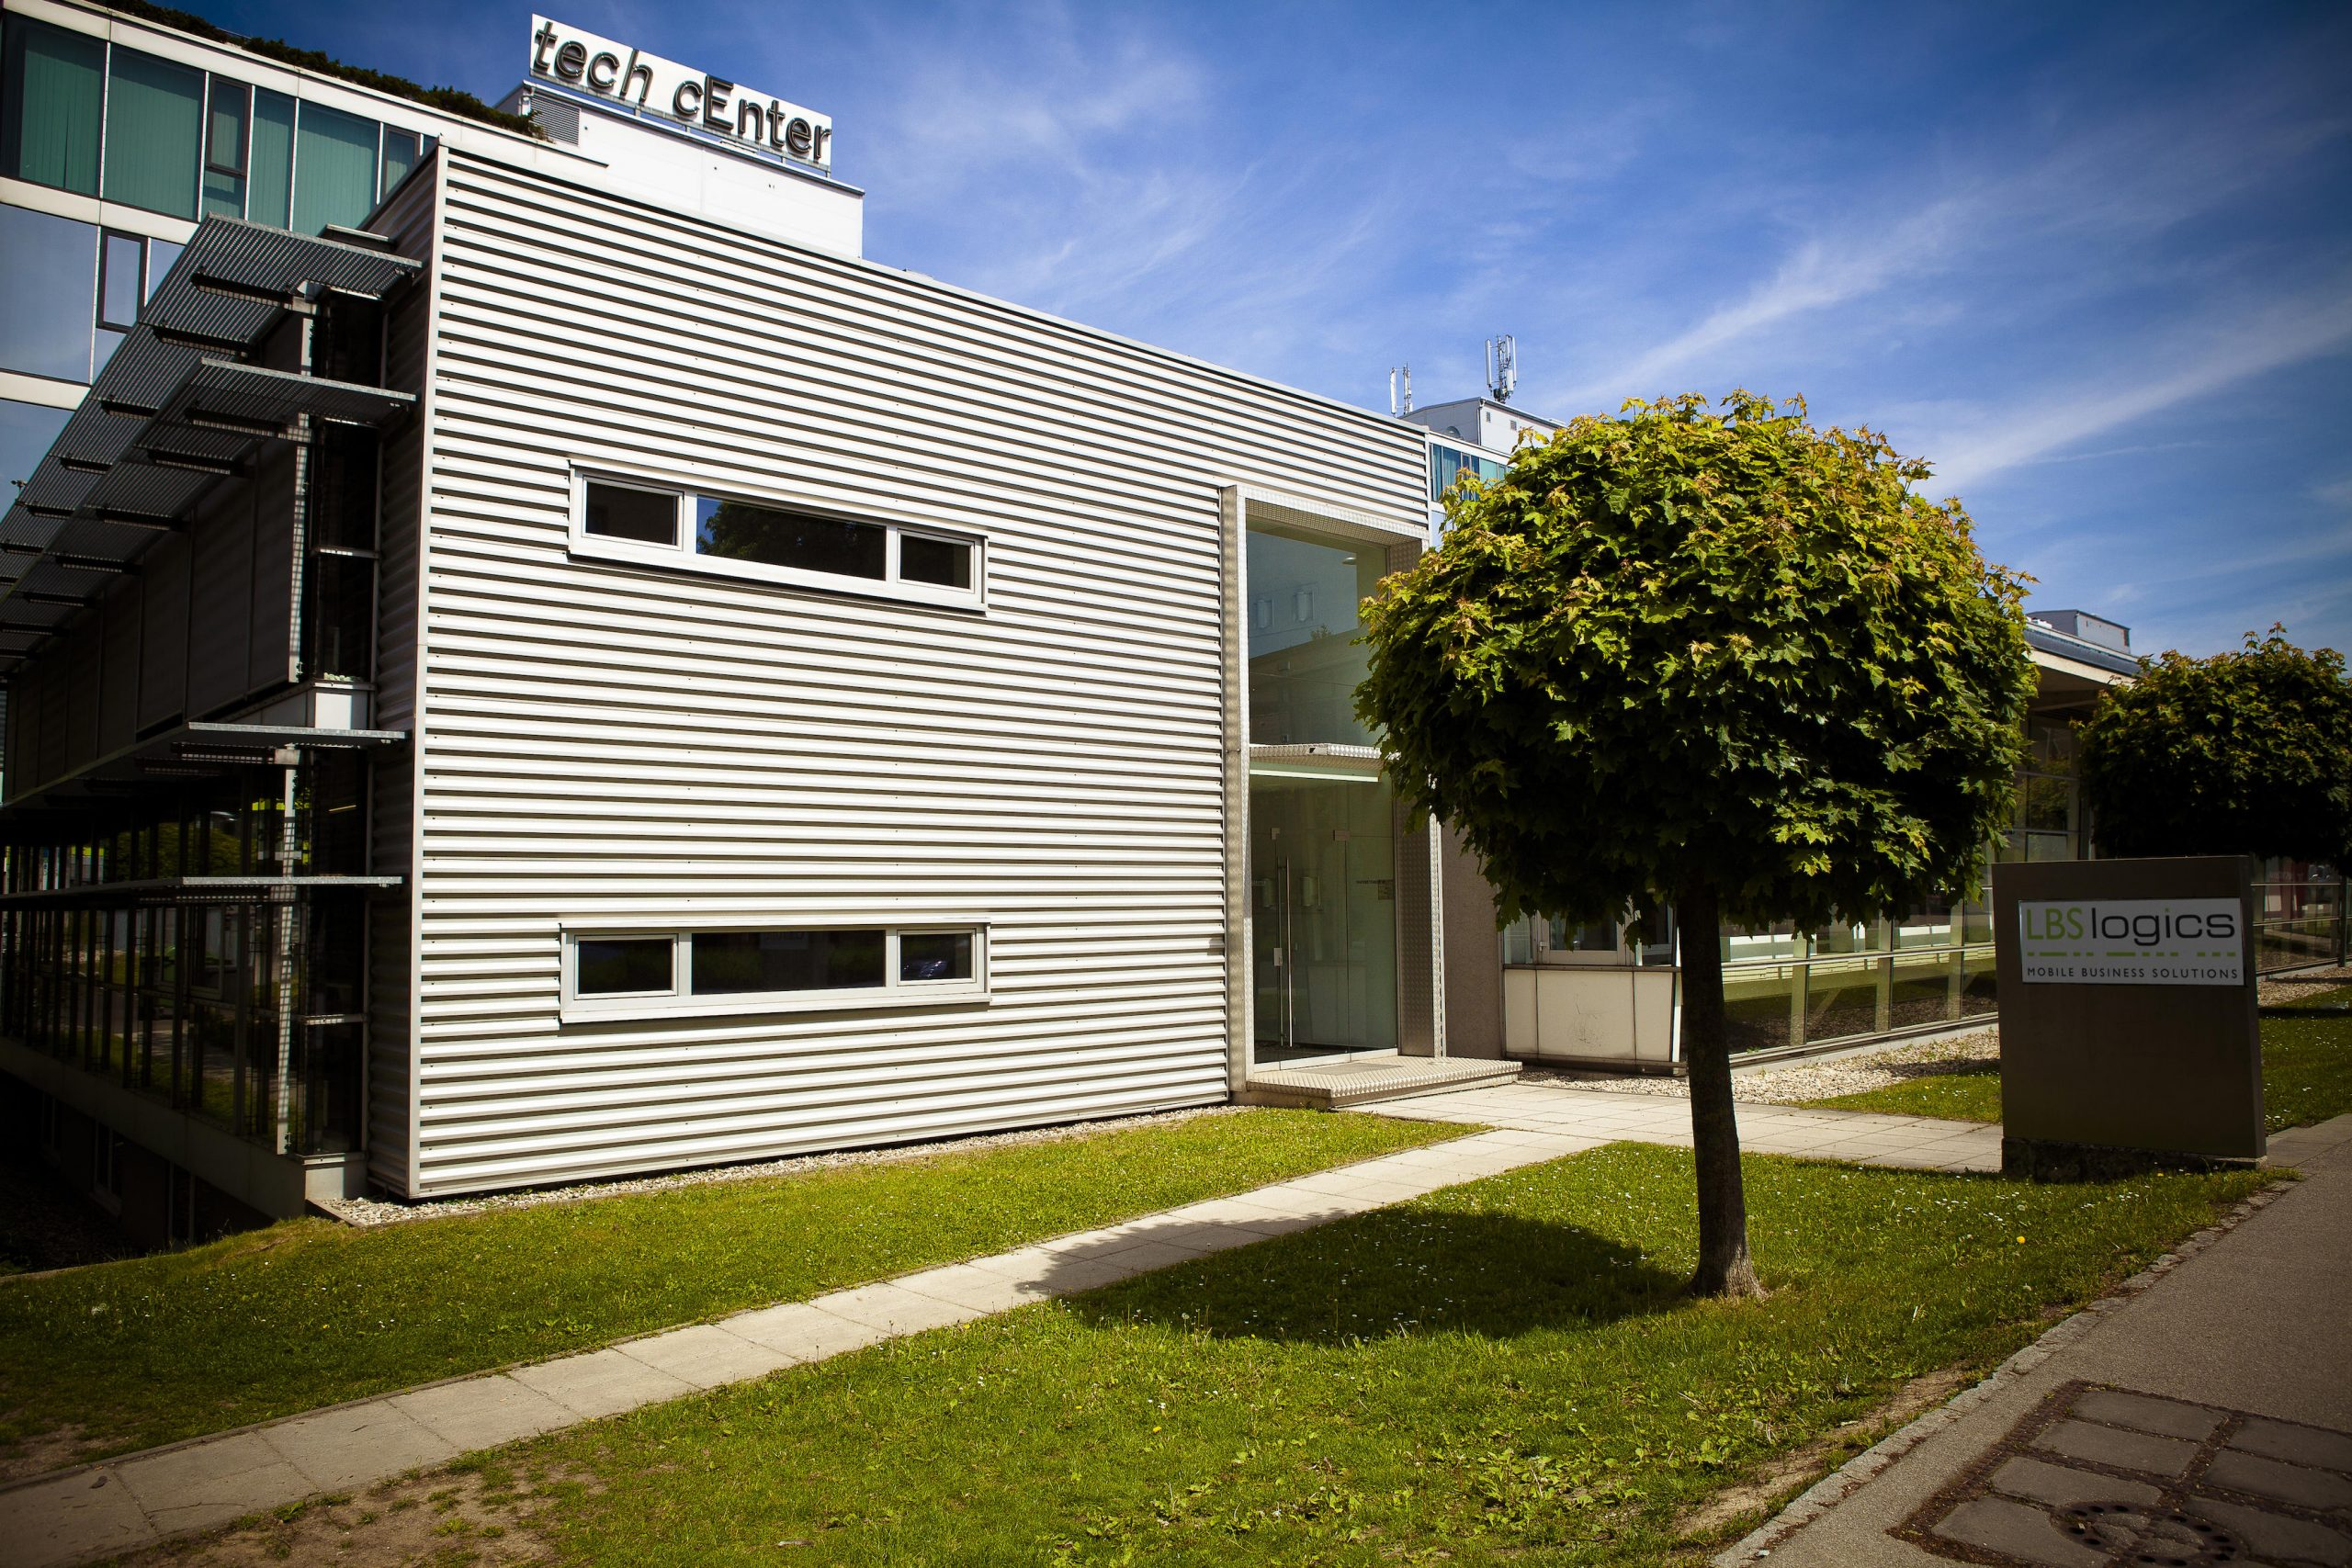 LBS logics Firmengebäude in der Linzer Hafenstraße von außen